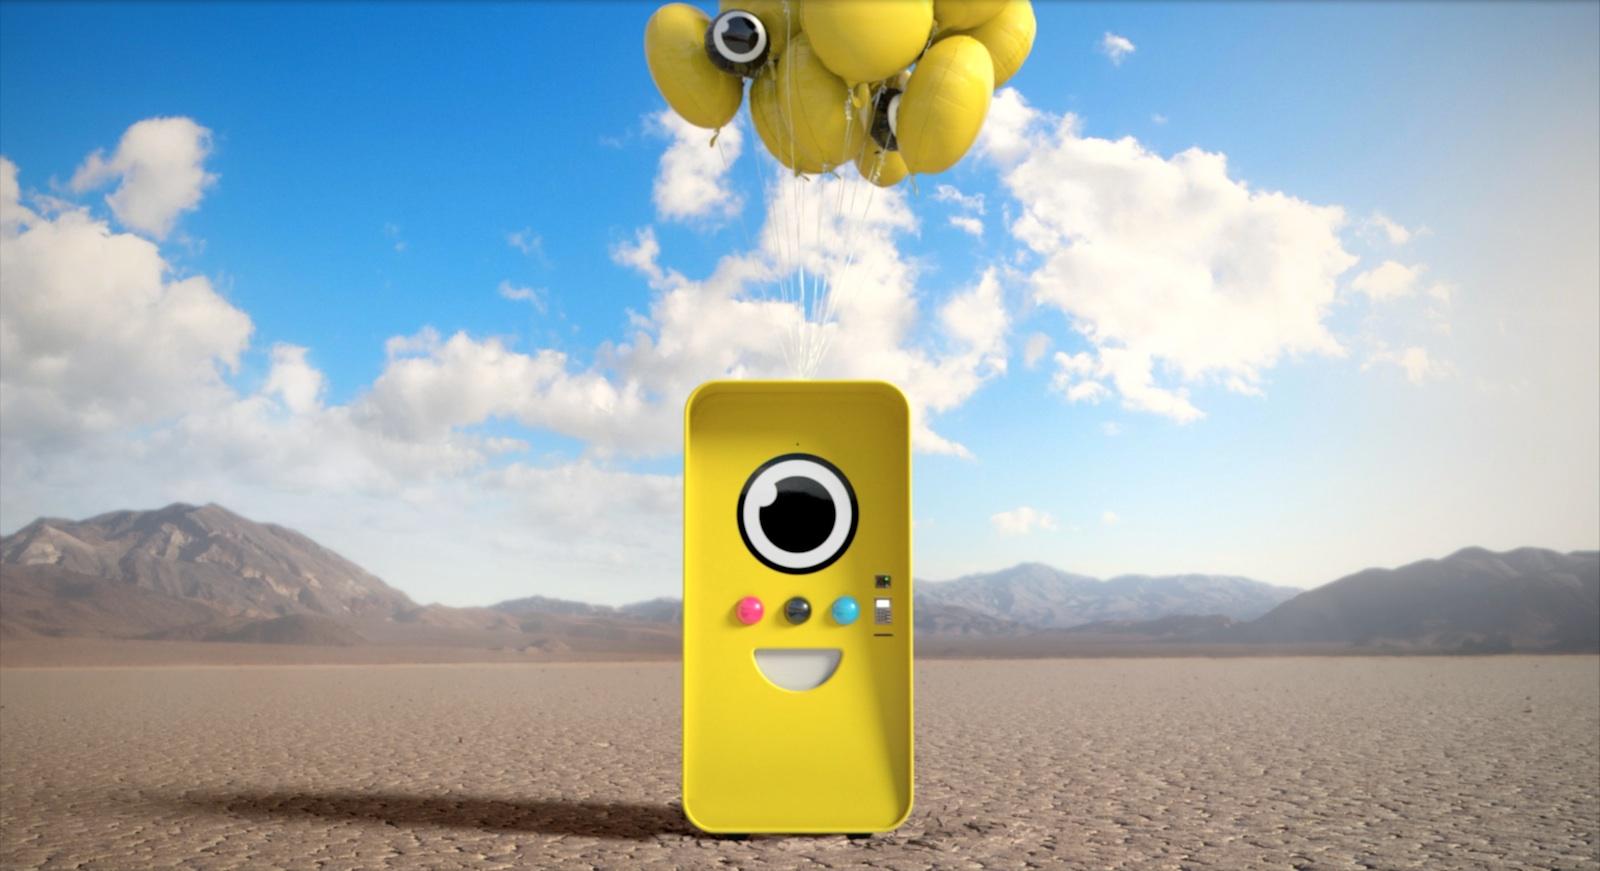 Zu kaufen gibt es die Kamerabrillen in solchen mobilen knallgelben Automaten, die für kurze Zeit an verschiedenen Orten auftauchen. Im Internet werden jeweils 24 Stunden vor der Installation an einem neuen Standort die Adressen der sogenannten Snapbots gepostet.